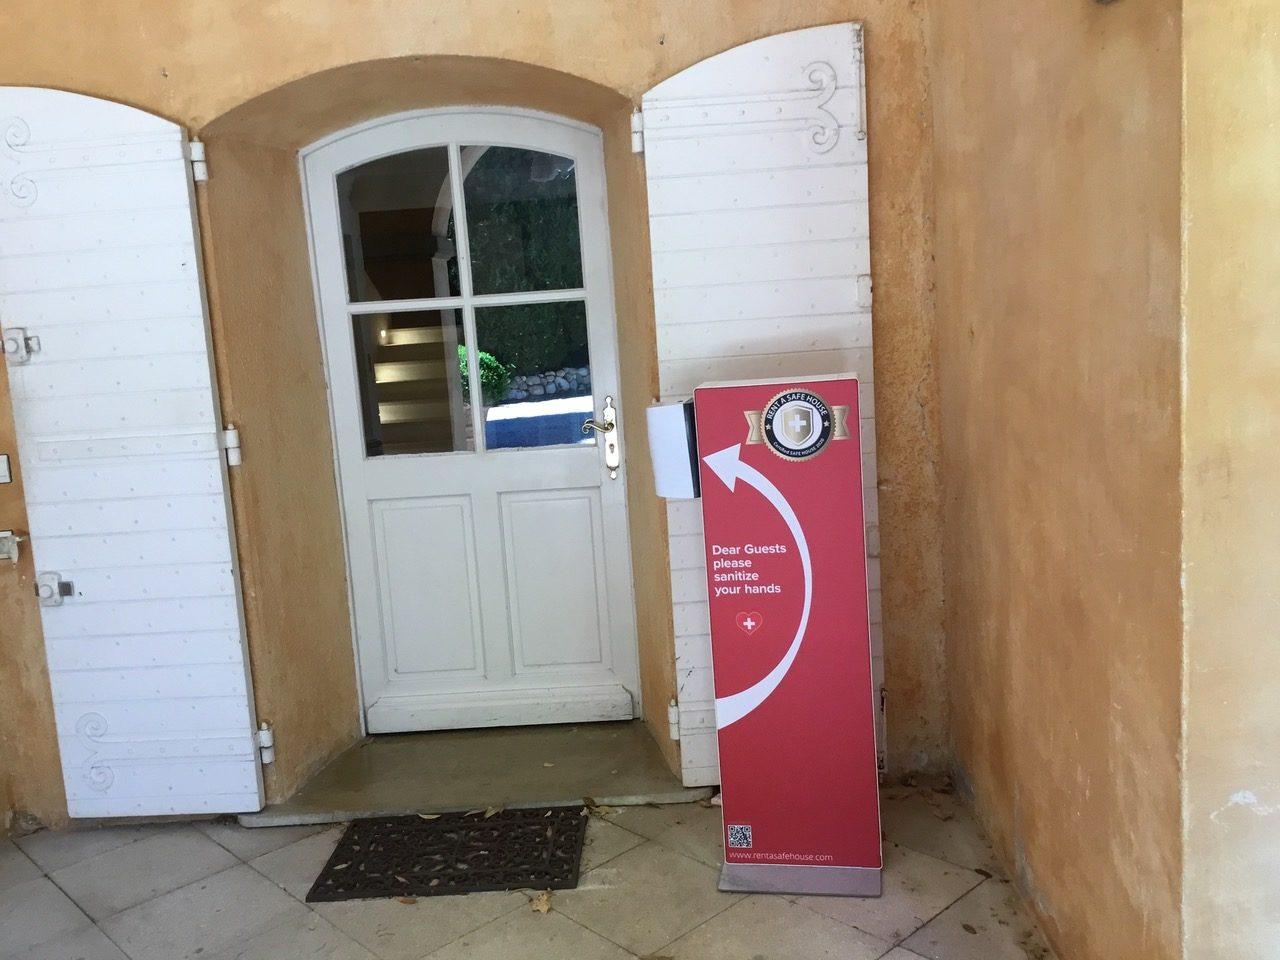 Distributeur solution hydroalcoolique safe station maison d'hôtes Protectio